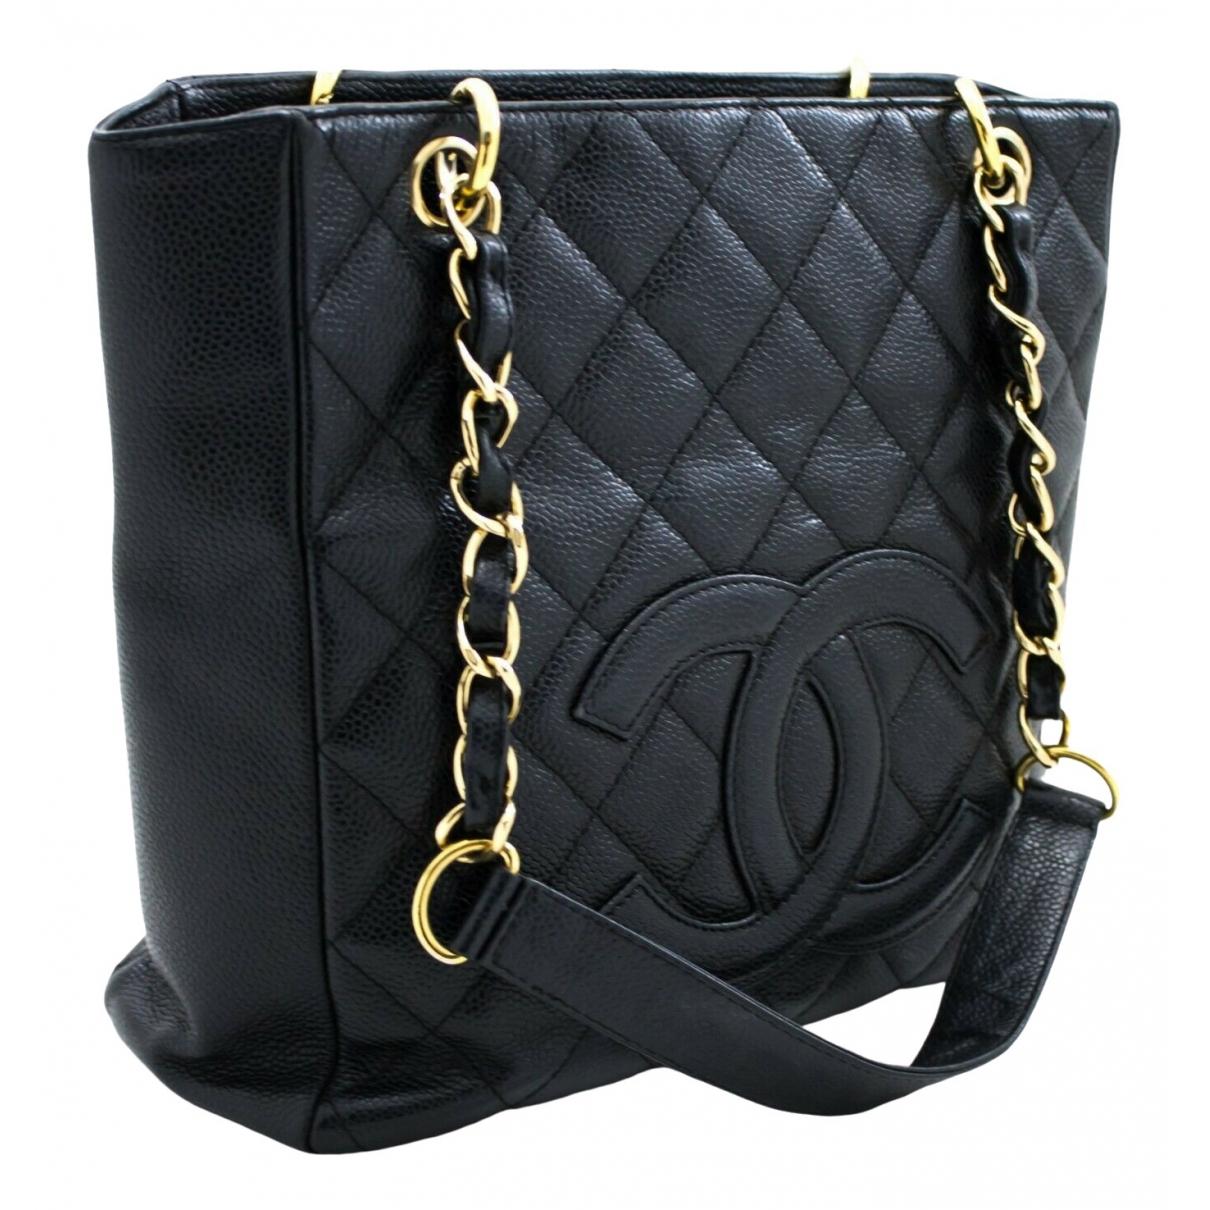 Bolso  Petite Shopping Tote de Cuero Chanel